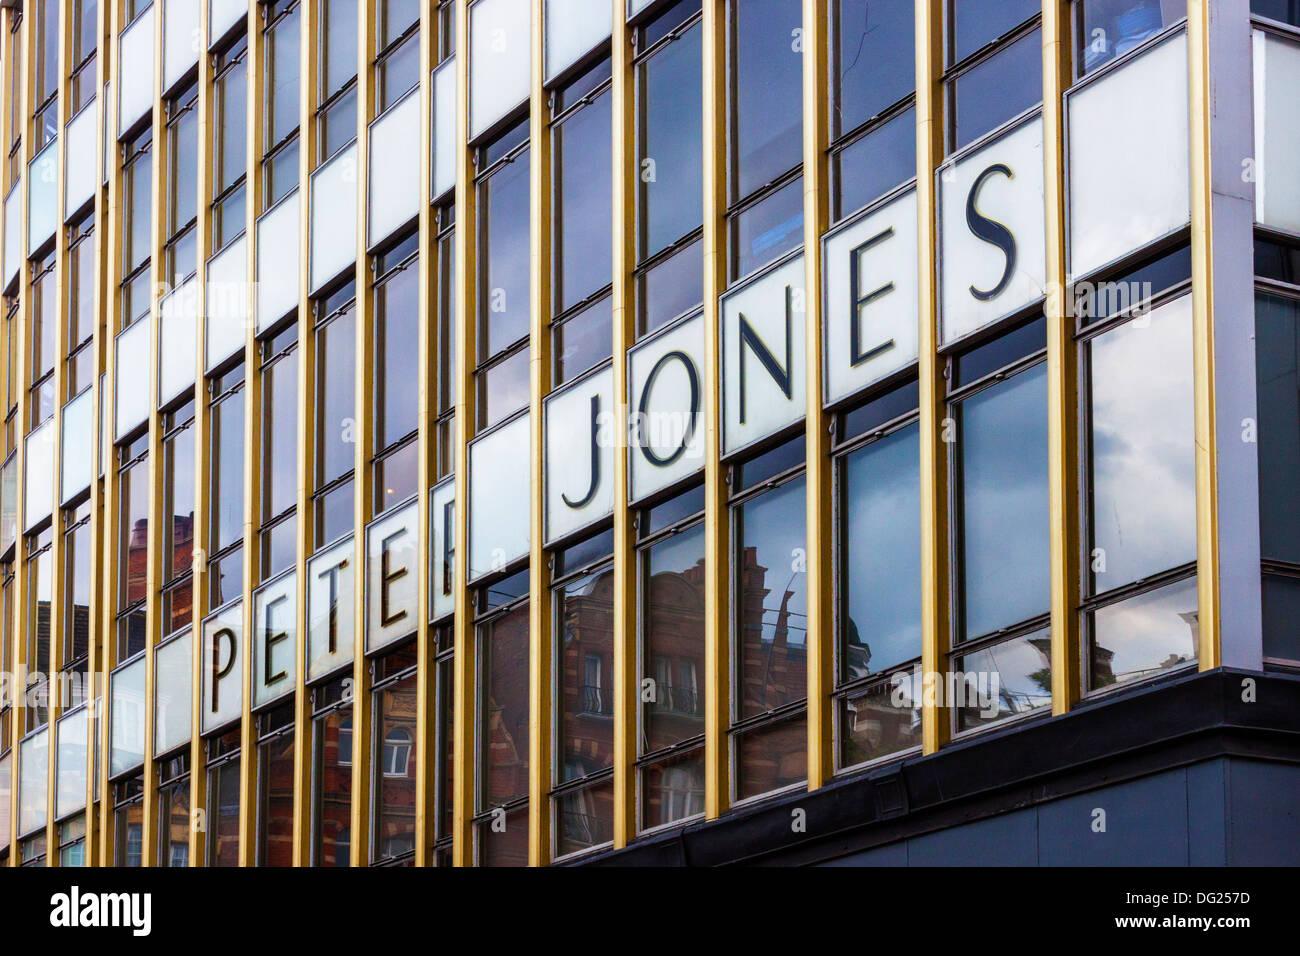 Peter Jones Department Store, exterior - Stock Image